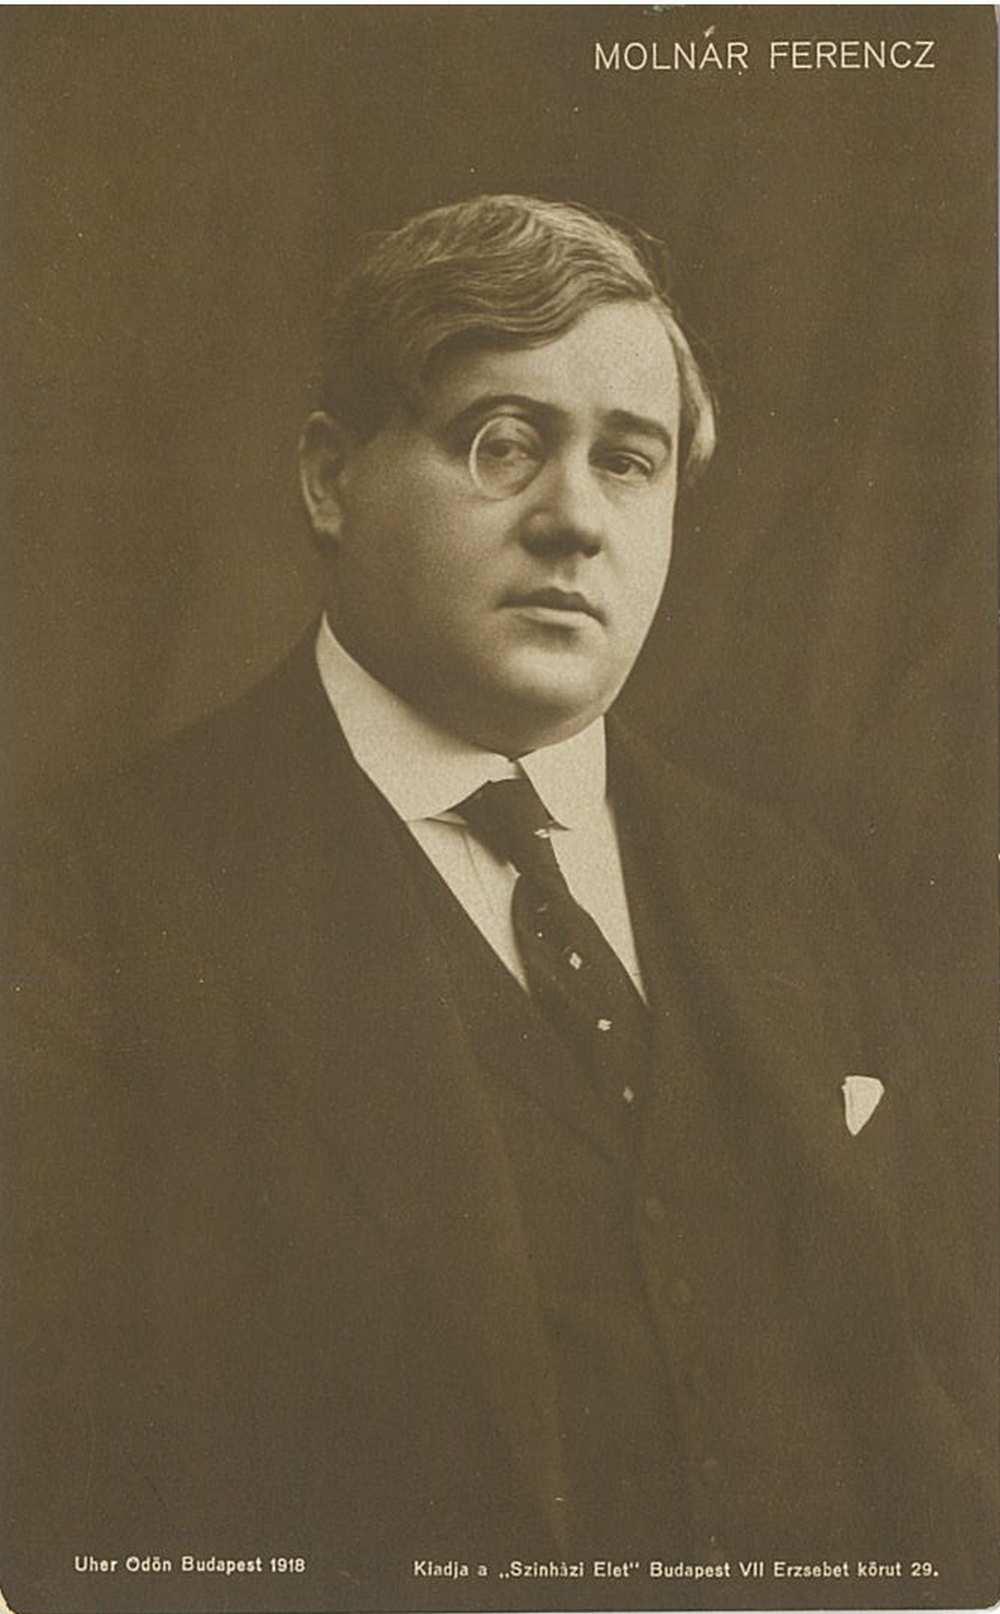 Molnár Ferenc. Portré, 1918. Jelzet: KA 1.710 – Színháztörténeti és Zeneműtár